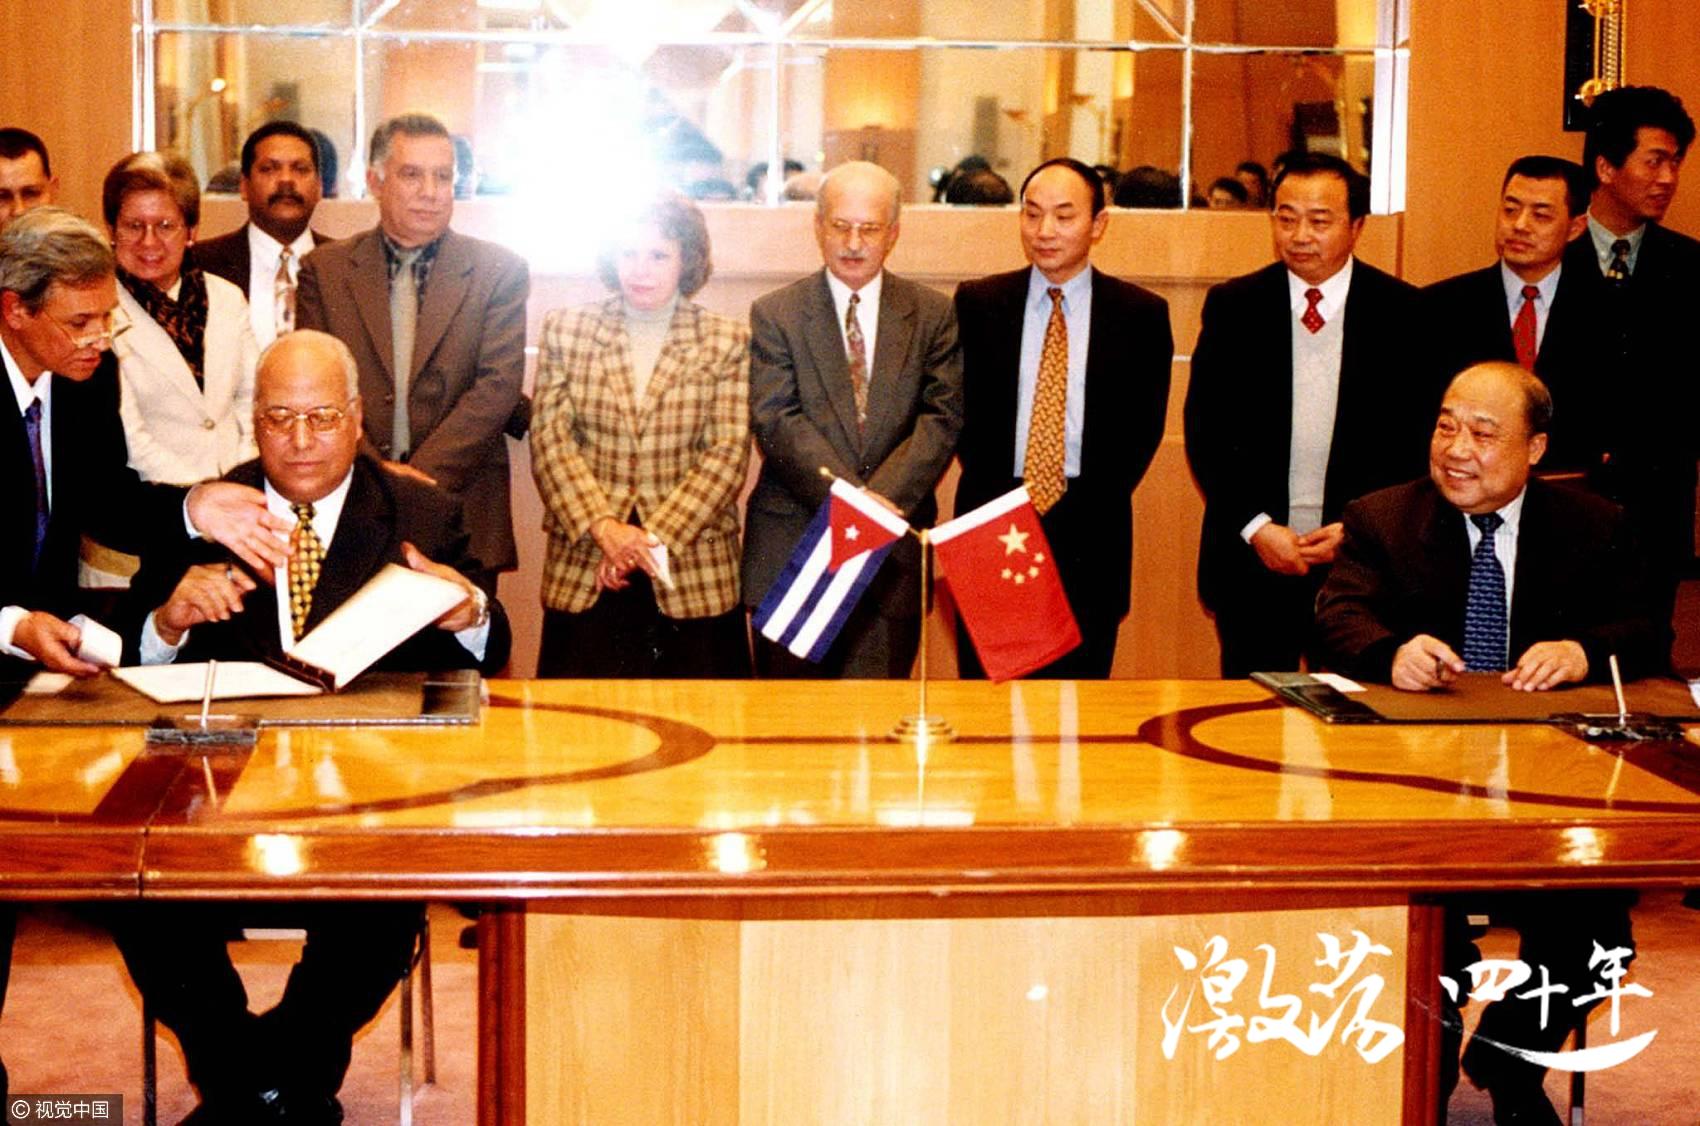 激荡四十年:中国加入世界贸易组织